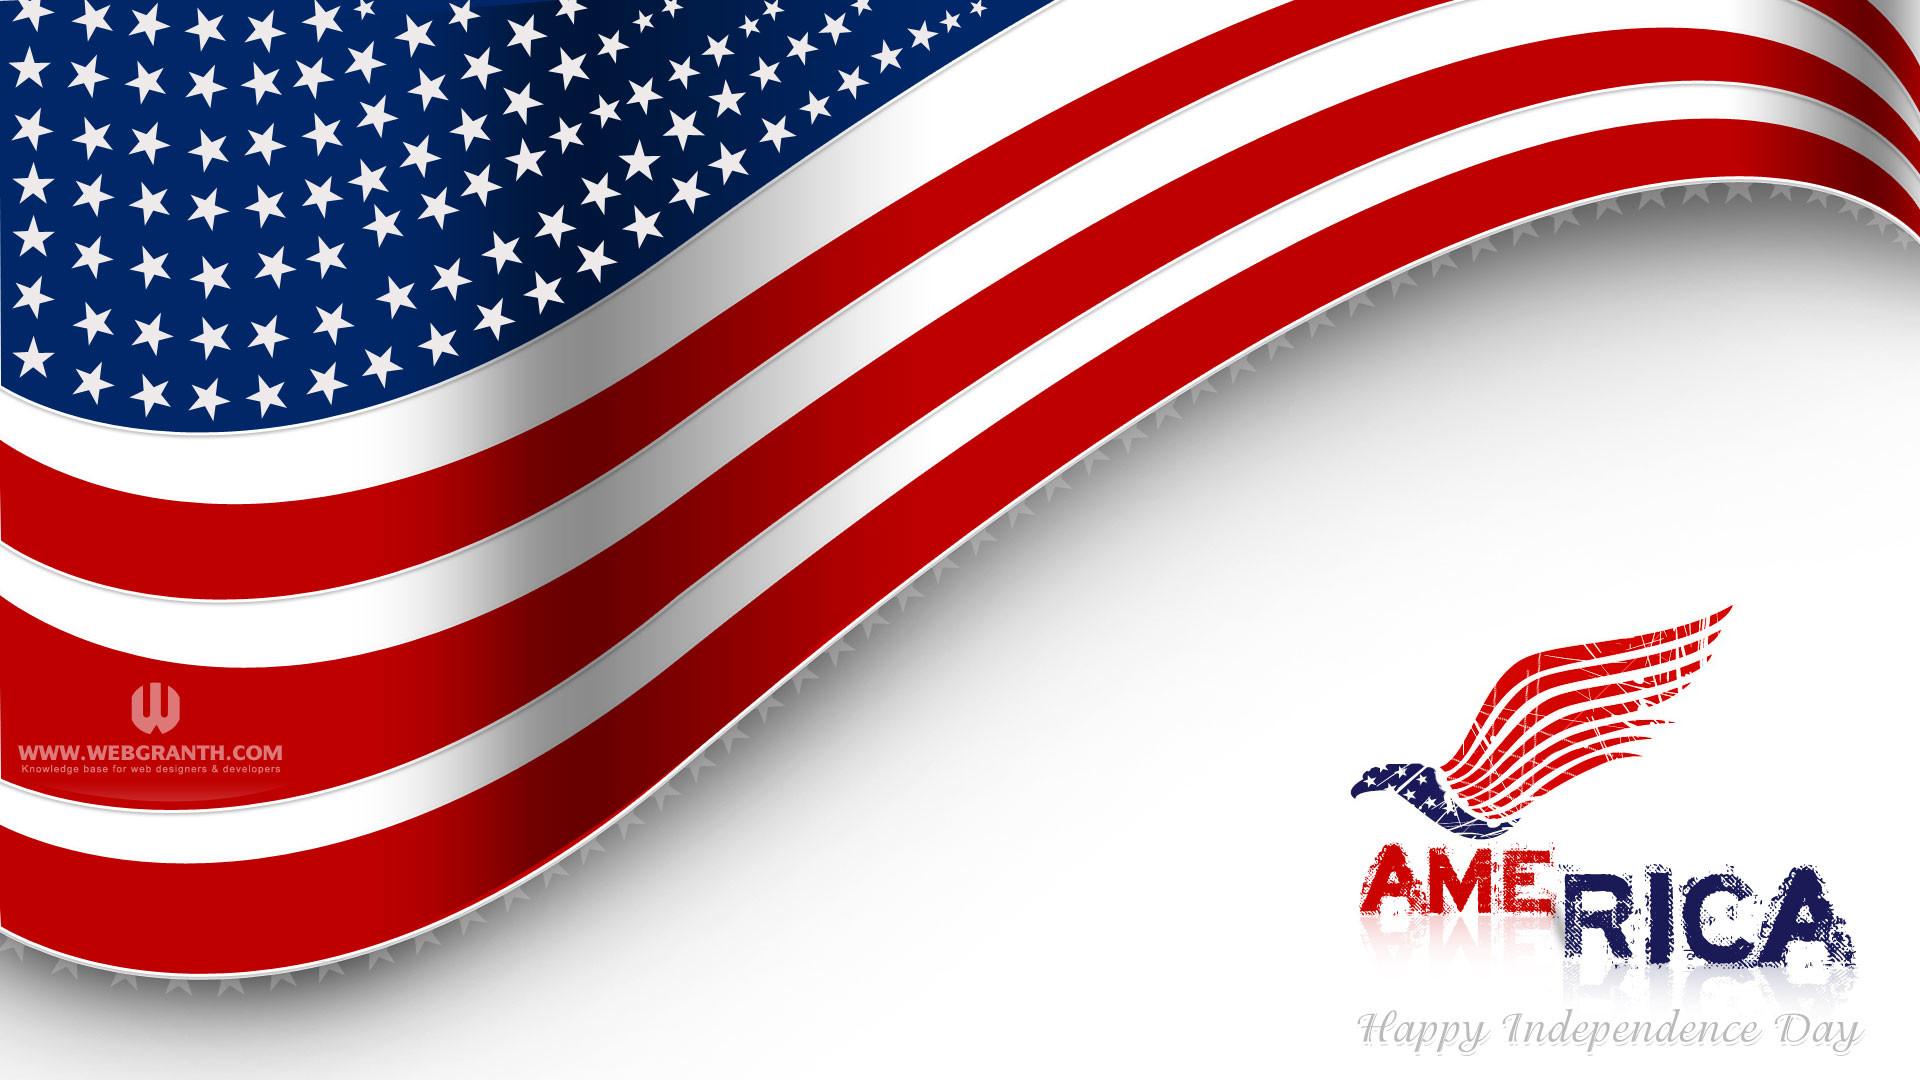 US Independence Day background image desktop wallpaper